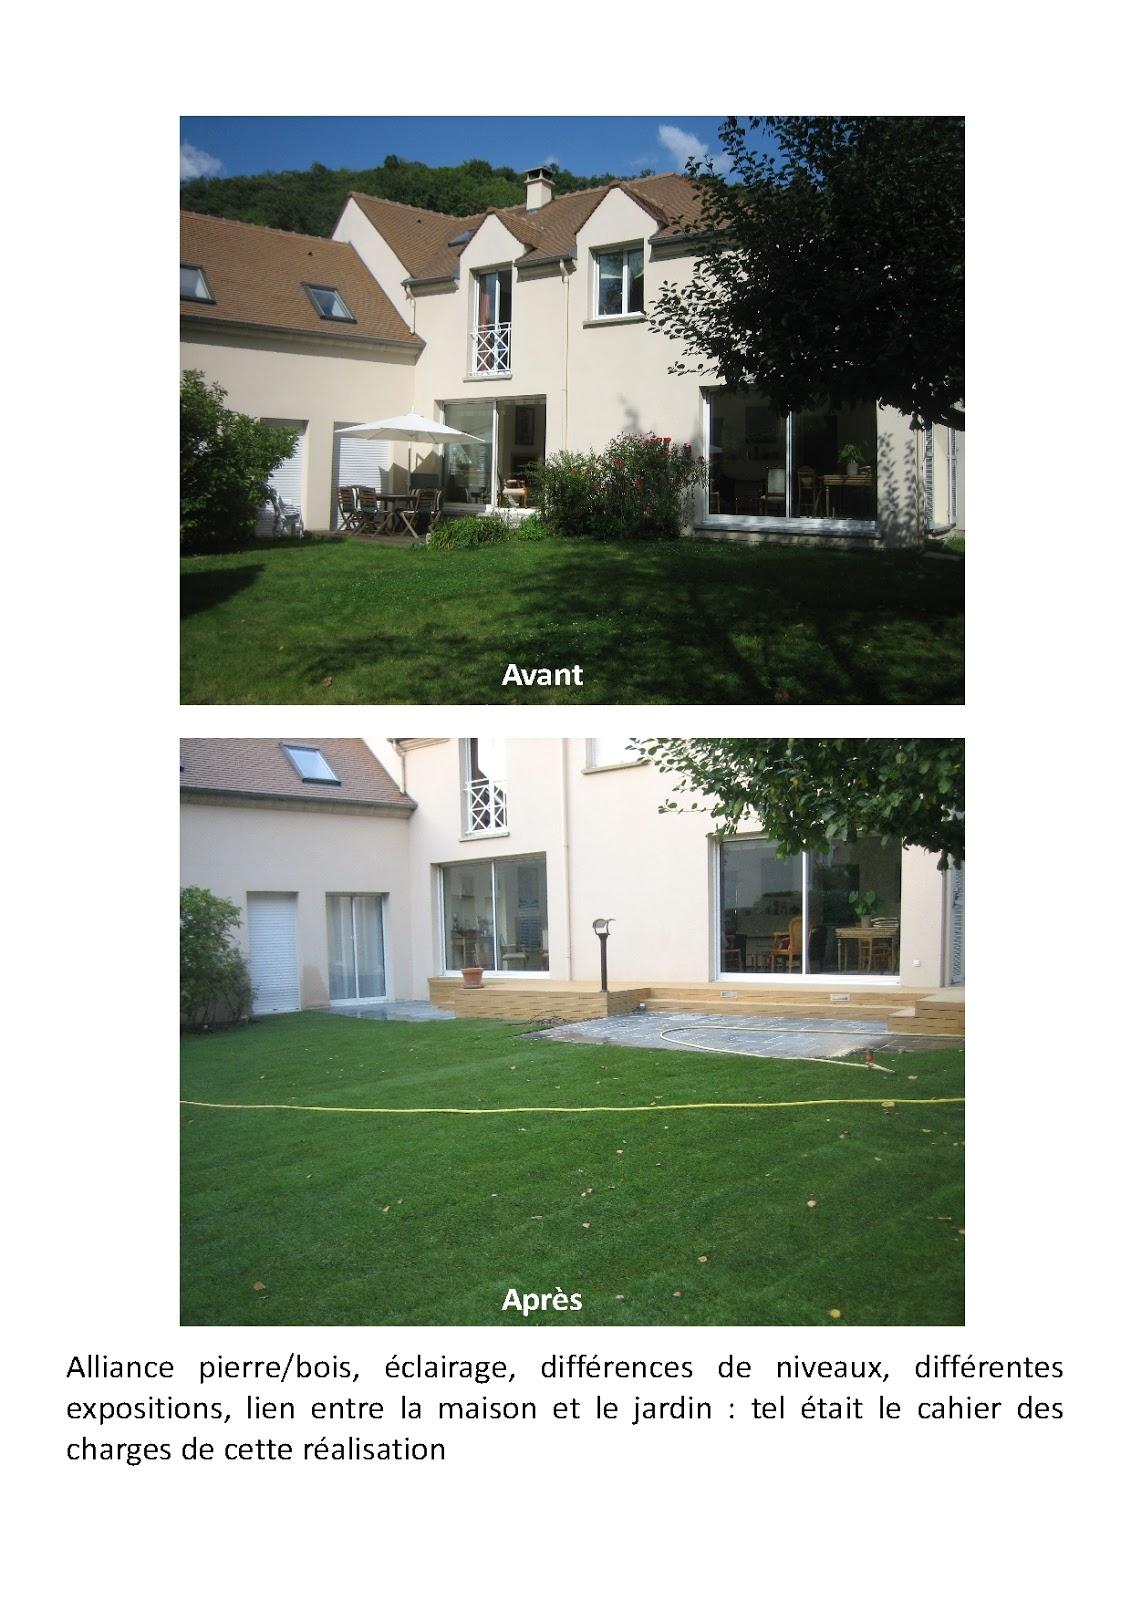 Terrasse En Bois Oise paysagiste val d'oise, création jardin 95,: terrasse pierres